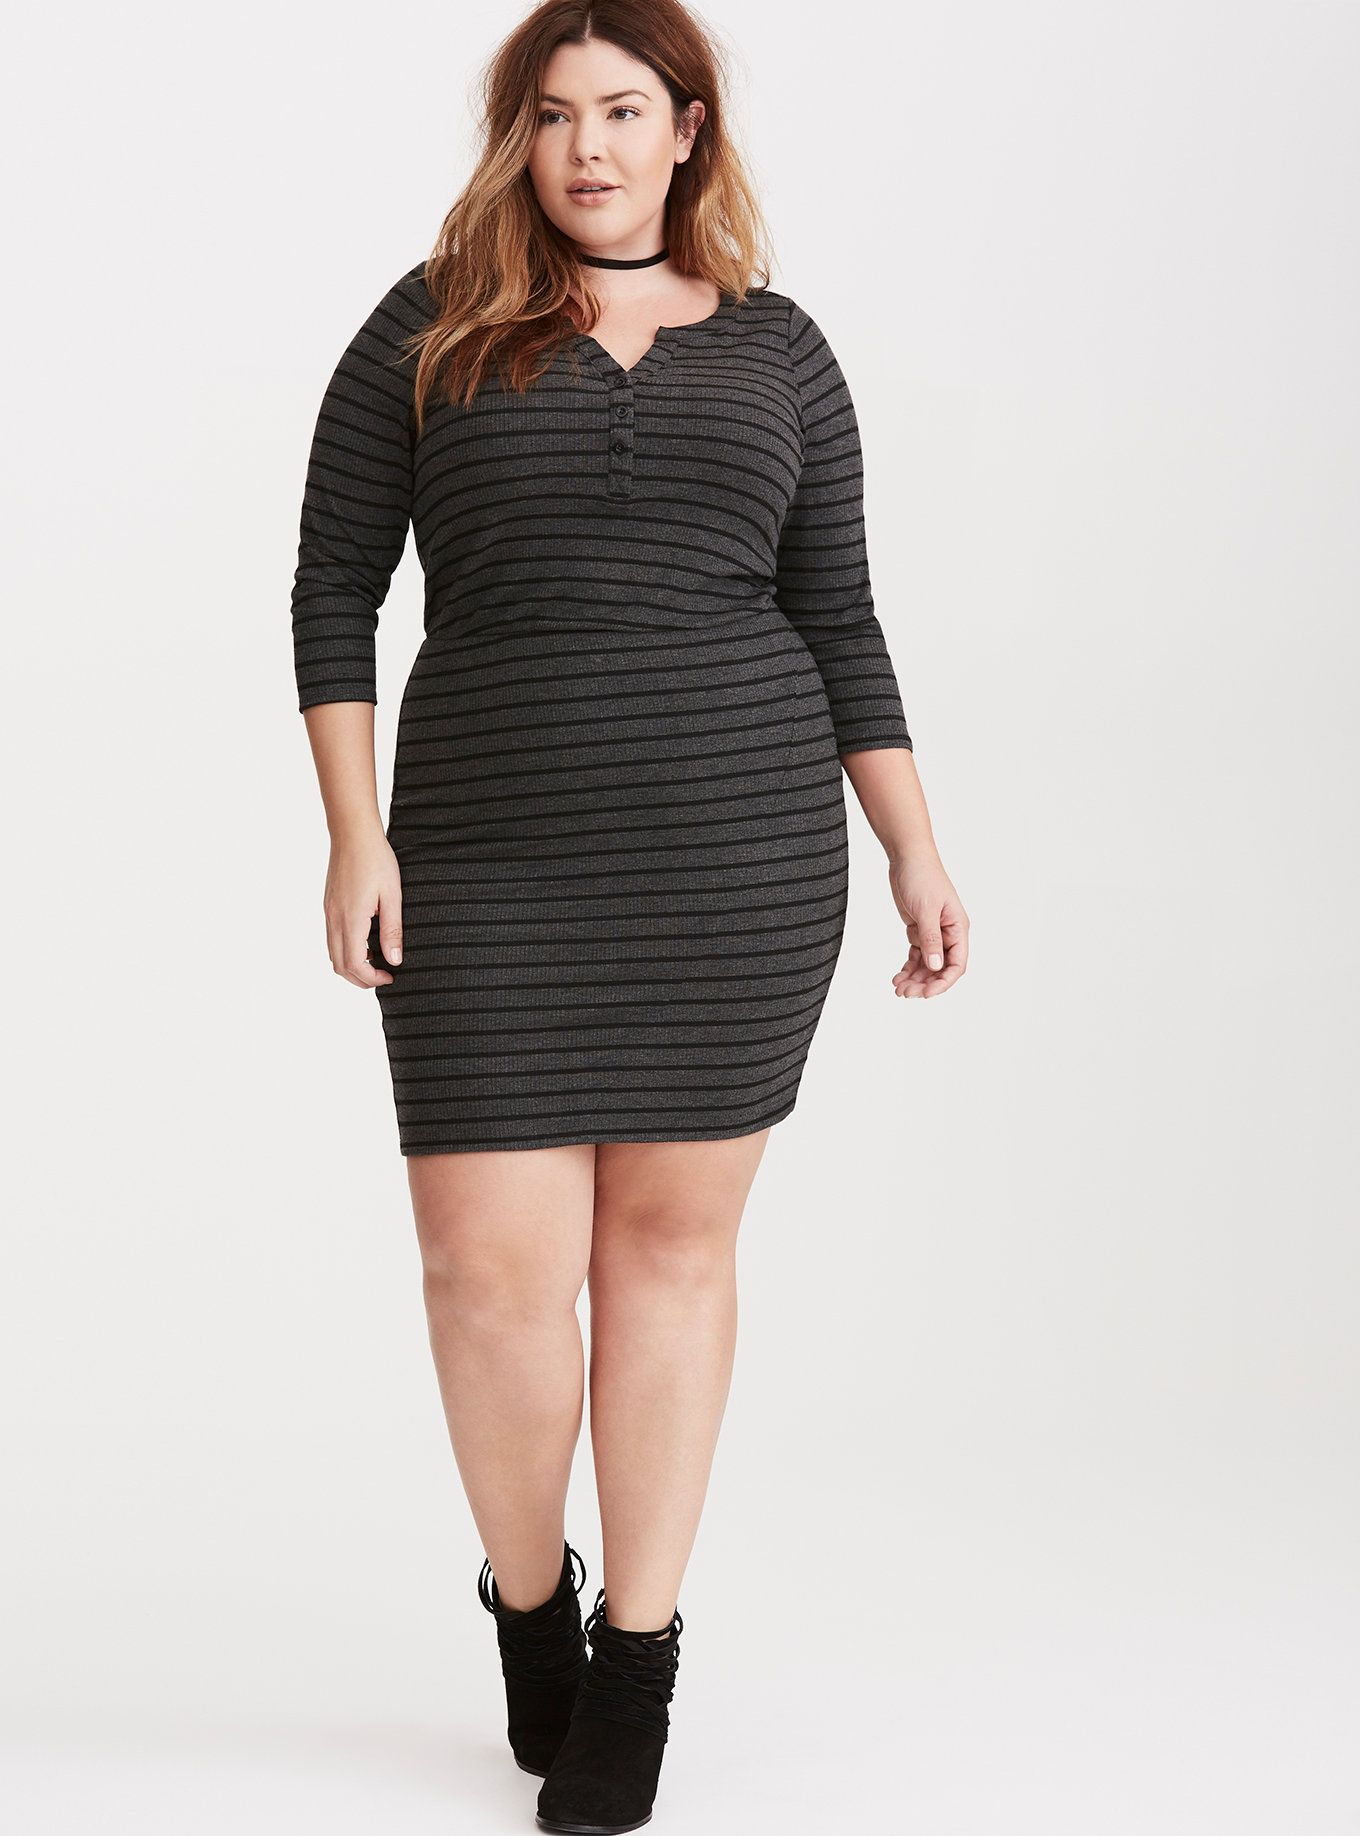 Dress size 24 torrid dress 24 torrid black and white draped v neck - Striped Henley Ribbed Knit Dress Torrid